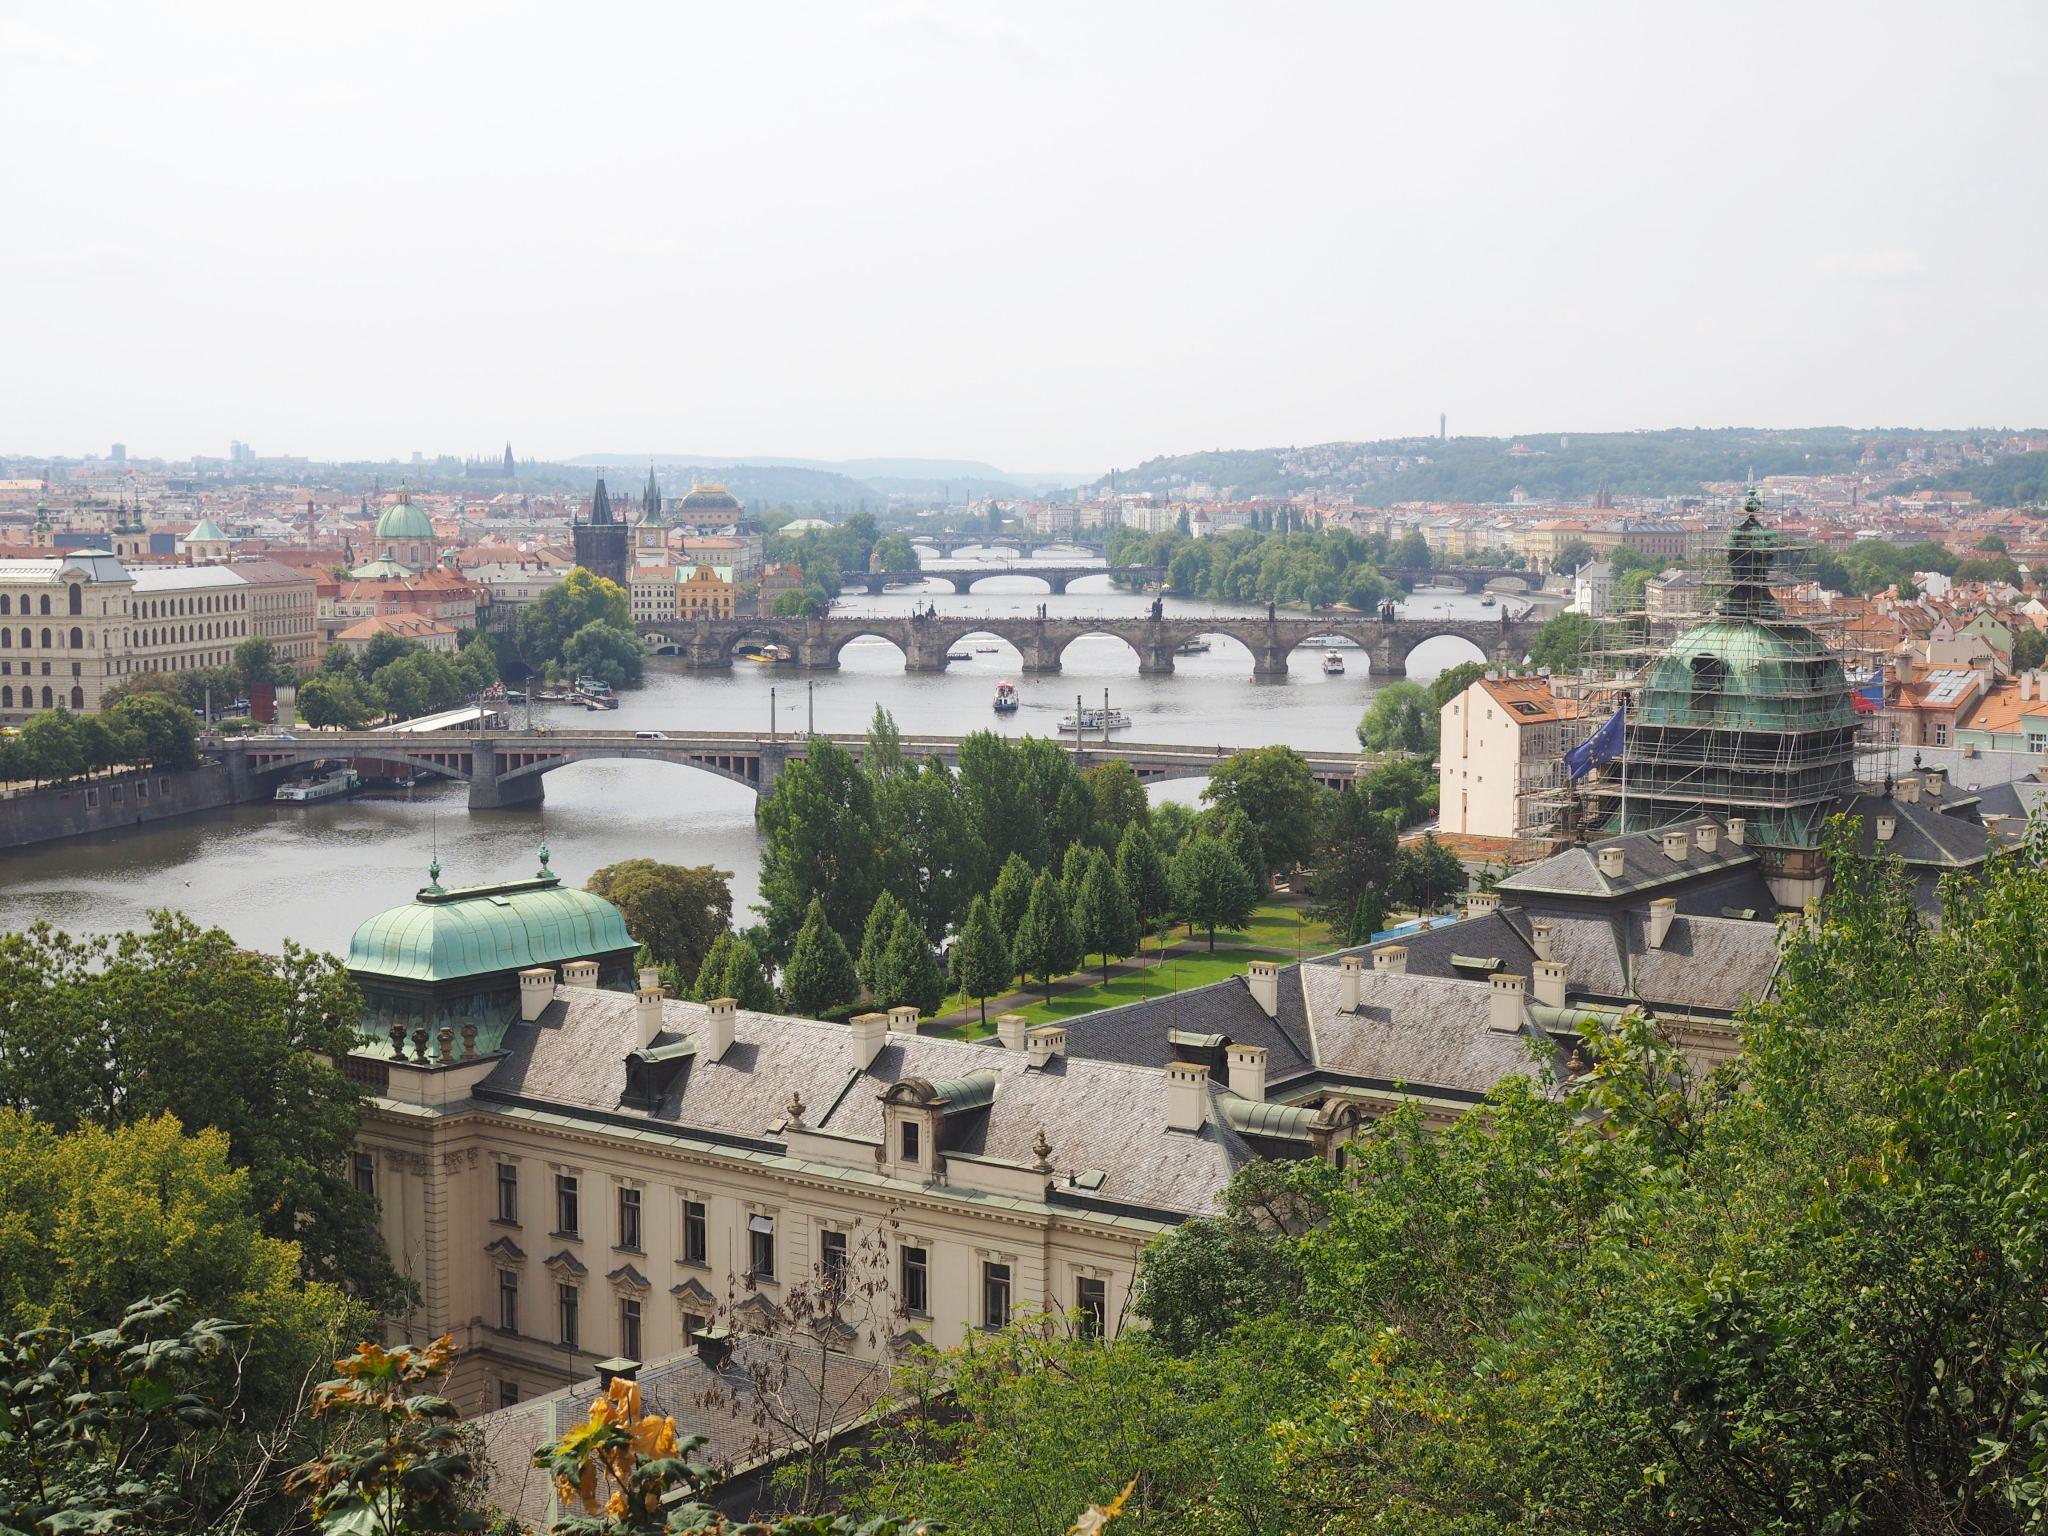 Viewpoint: Hanavsky Pavilion